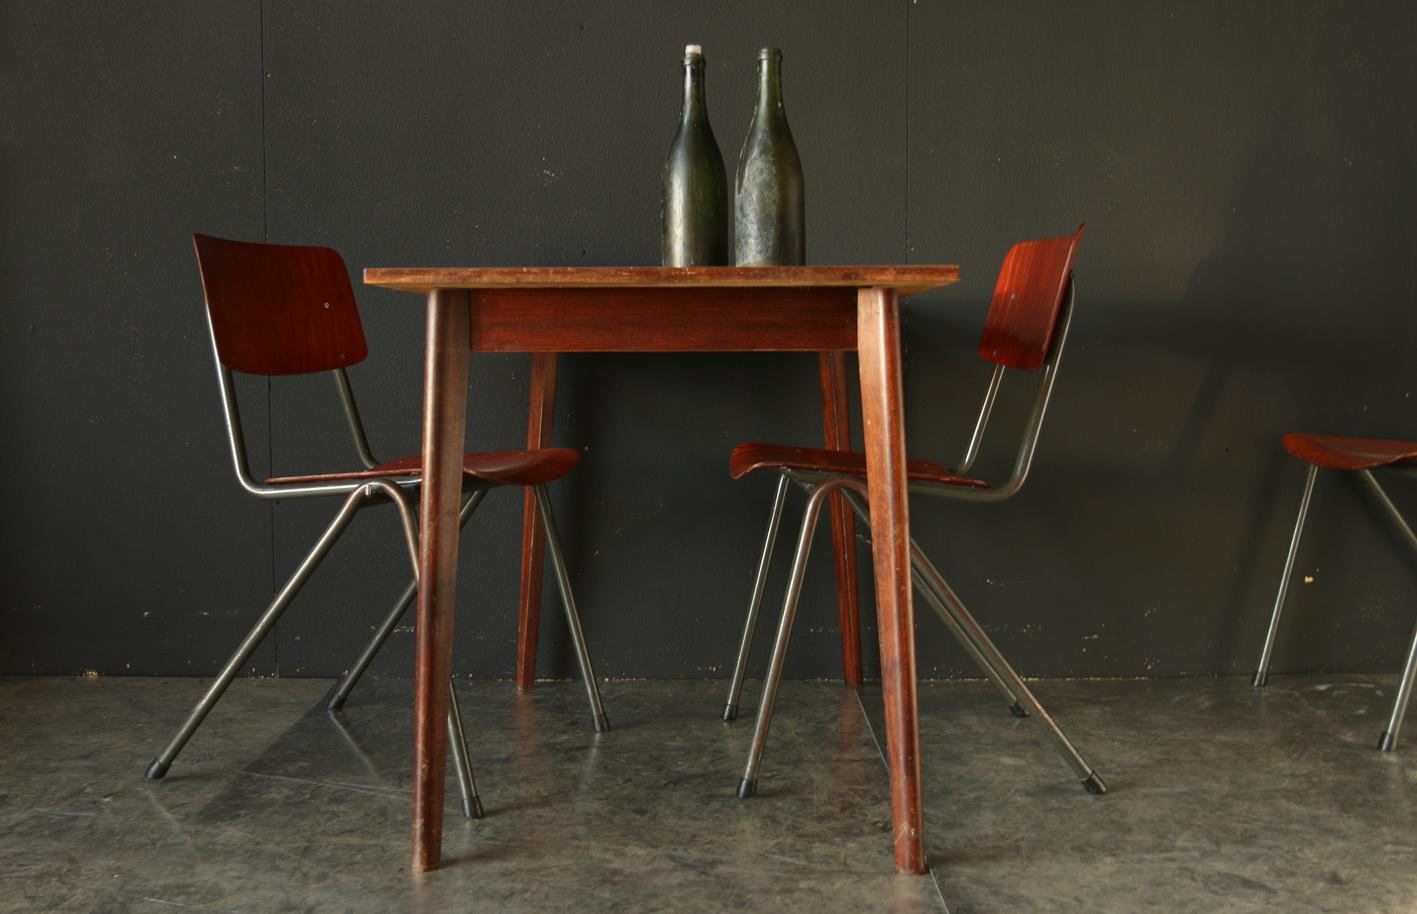 Retro vintage horeca cafe tafels jaren 50 dehuiszwaluw for Horeca tafels